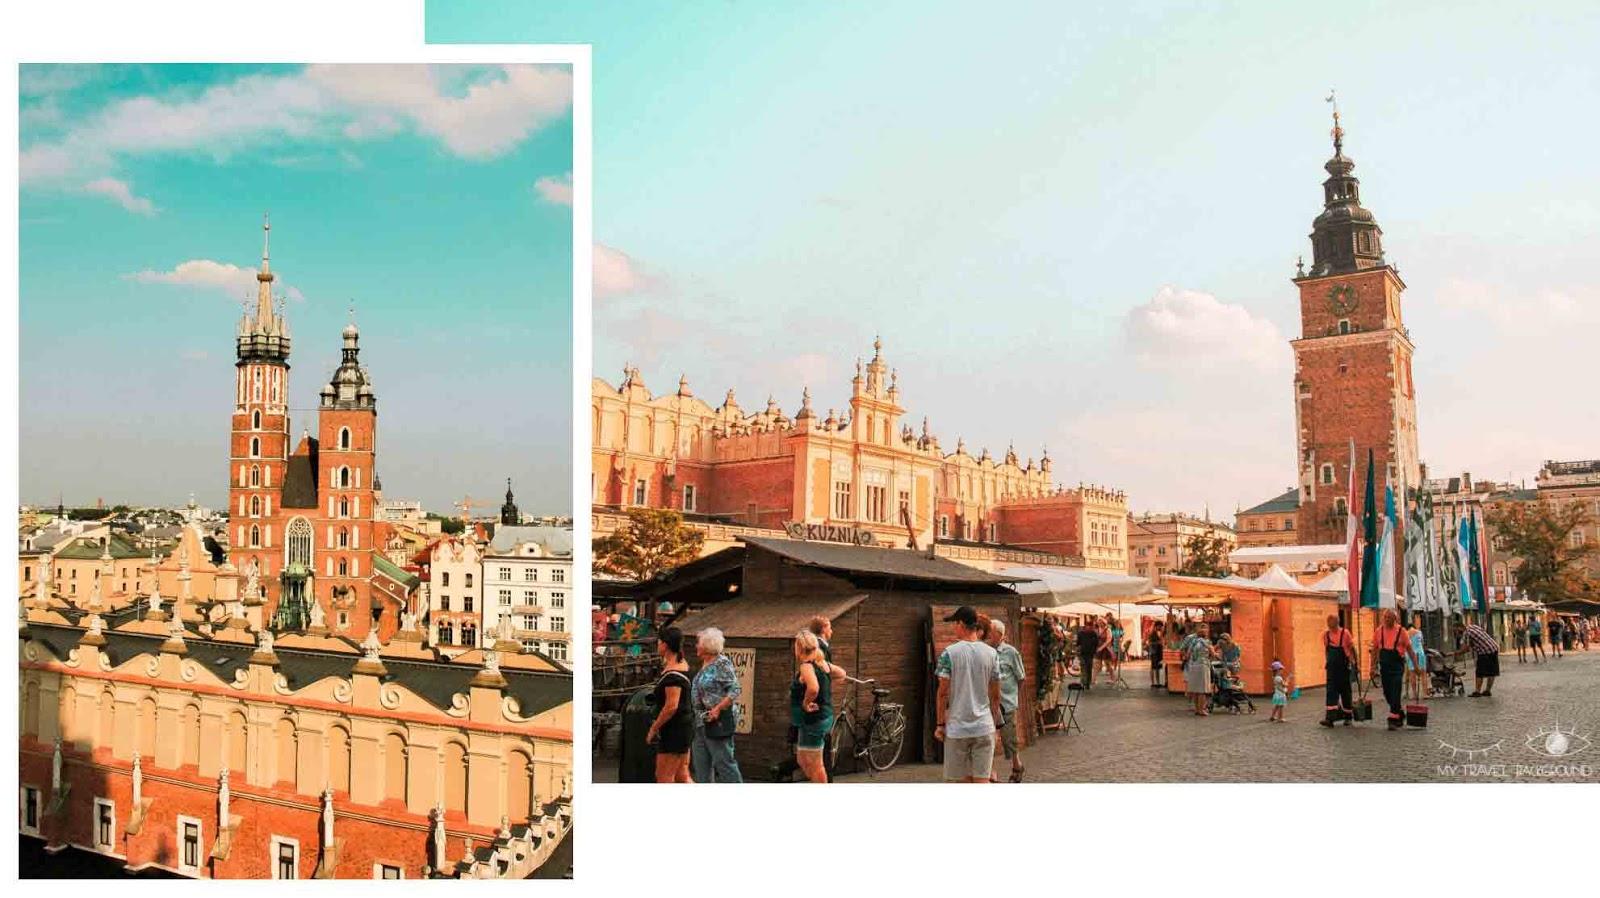 My Travel Background : Cracovie en Pologne, mon top 10 pour visiter la ville - Rynek Glowny, Basilique Sainte Marie, Hôtel de Ville